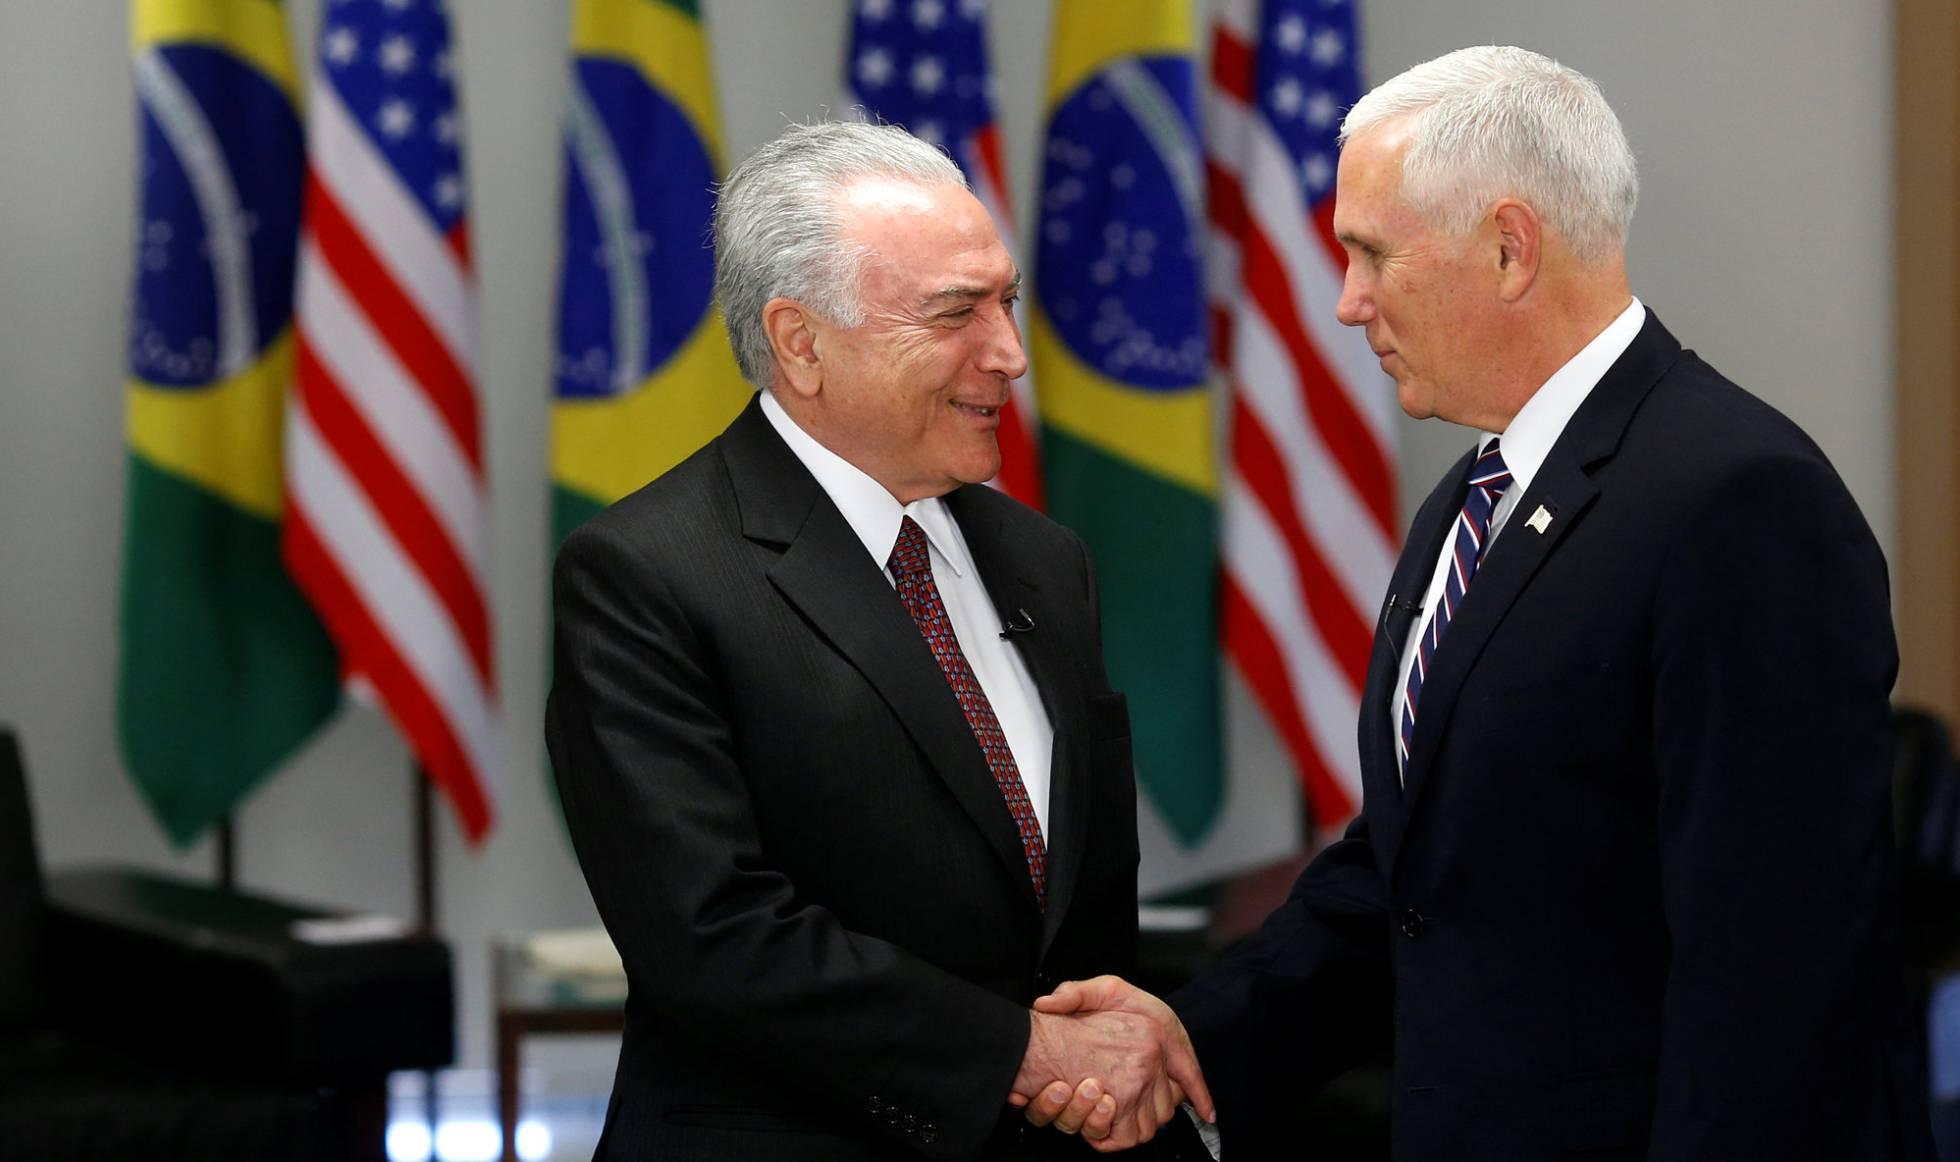 Pence cobra Temer enquanto Brasil propõe pagar volta de crianças detidas nos EUA